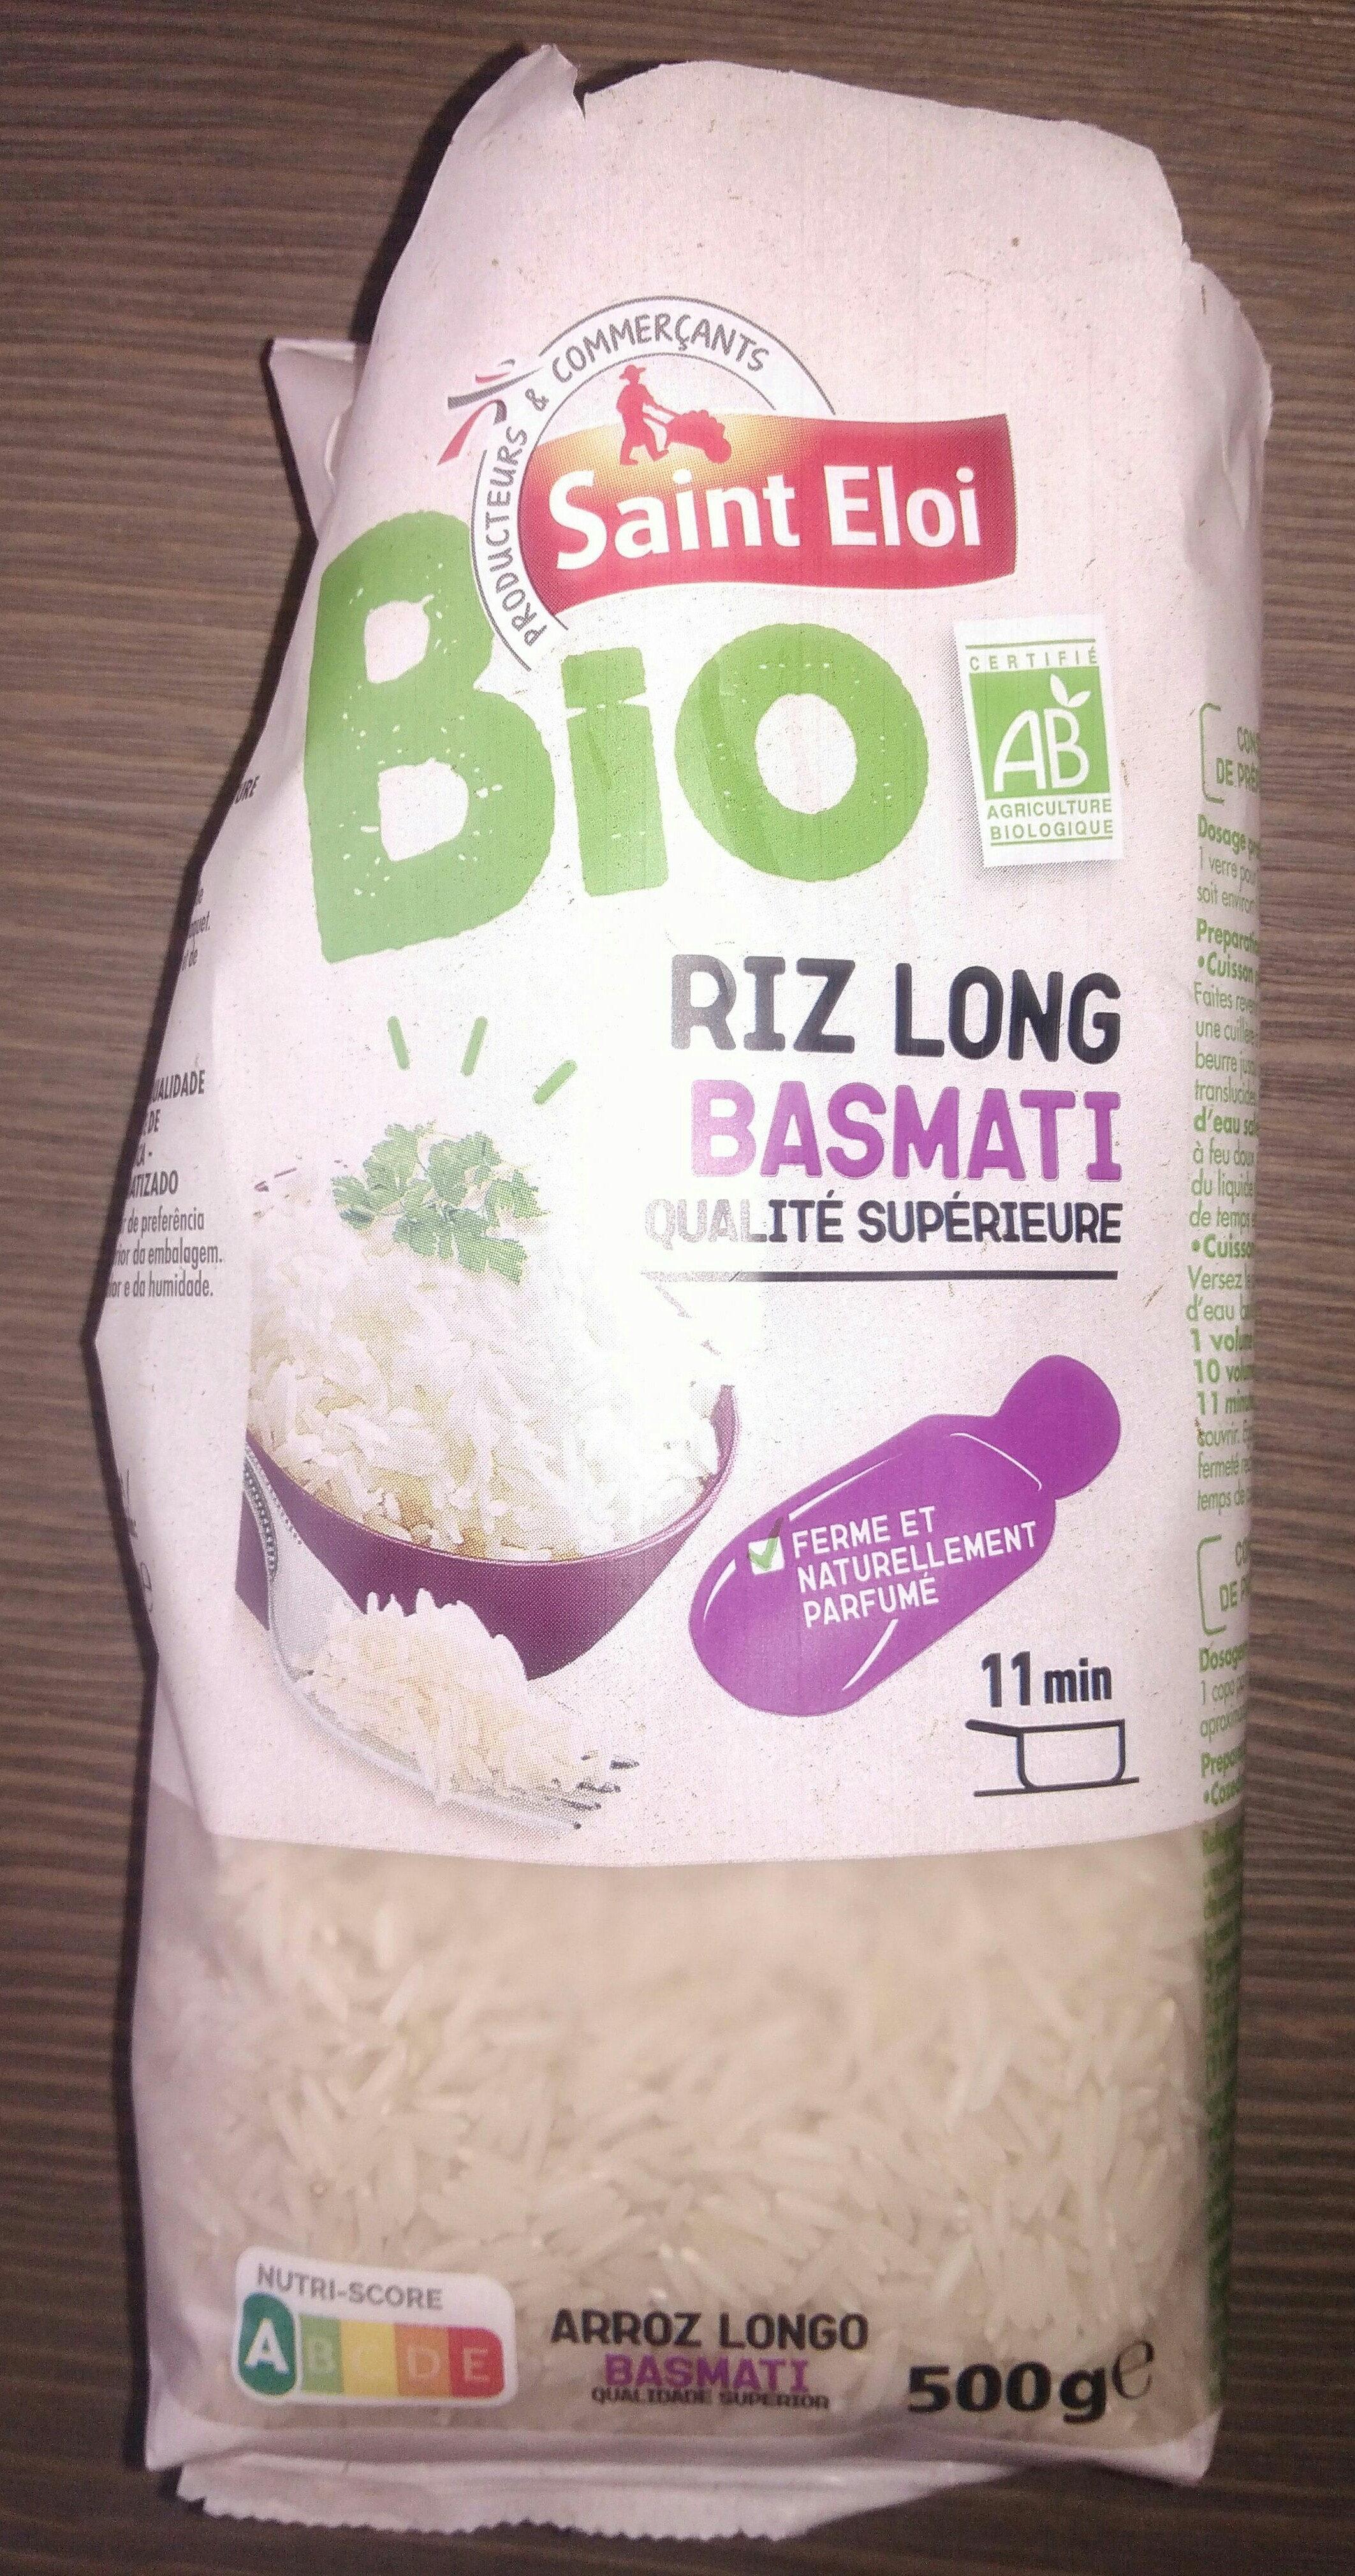 Riz long basmati ferme et naturellement parfumé - Product